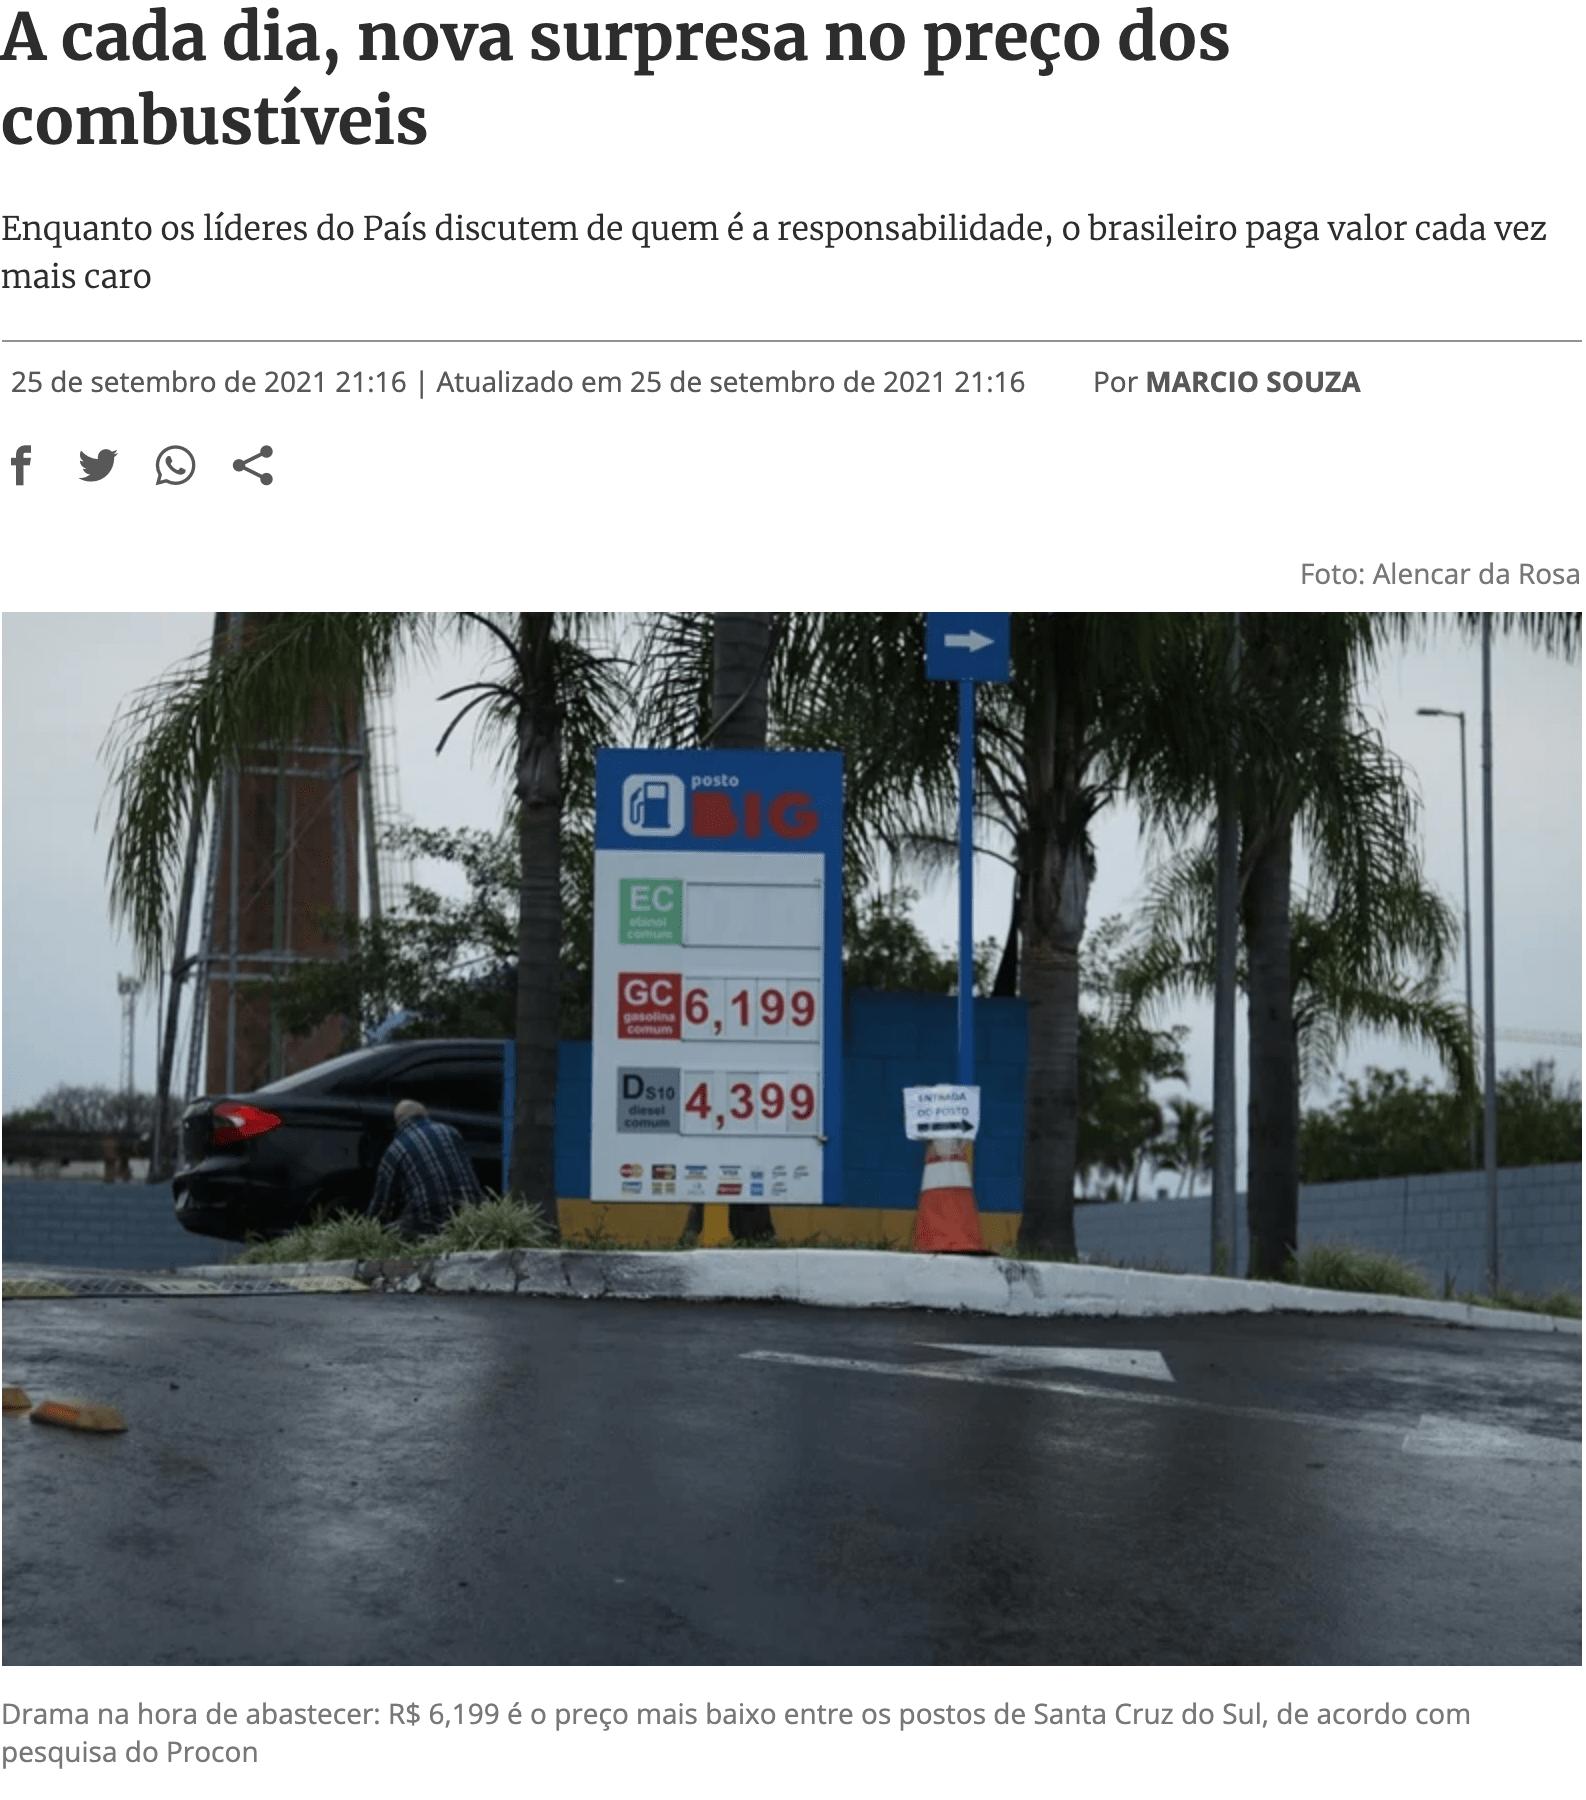 A cada dia, nova surpresa no preço dos combustíveis